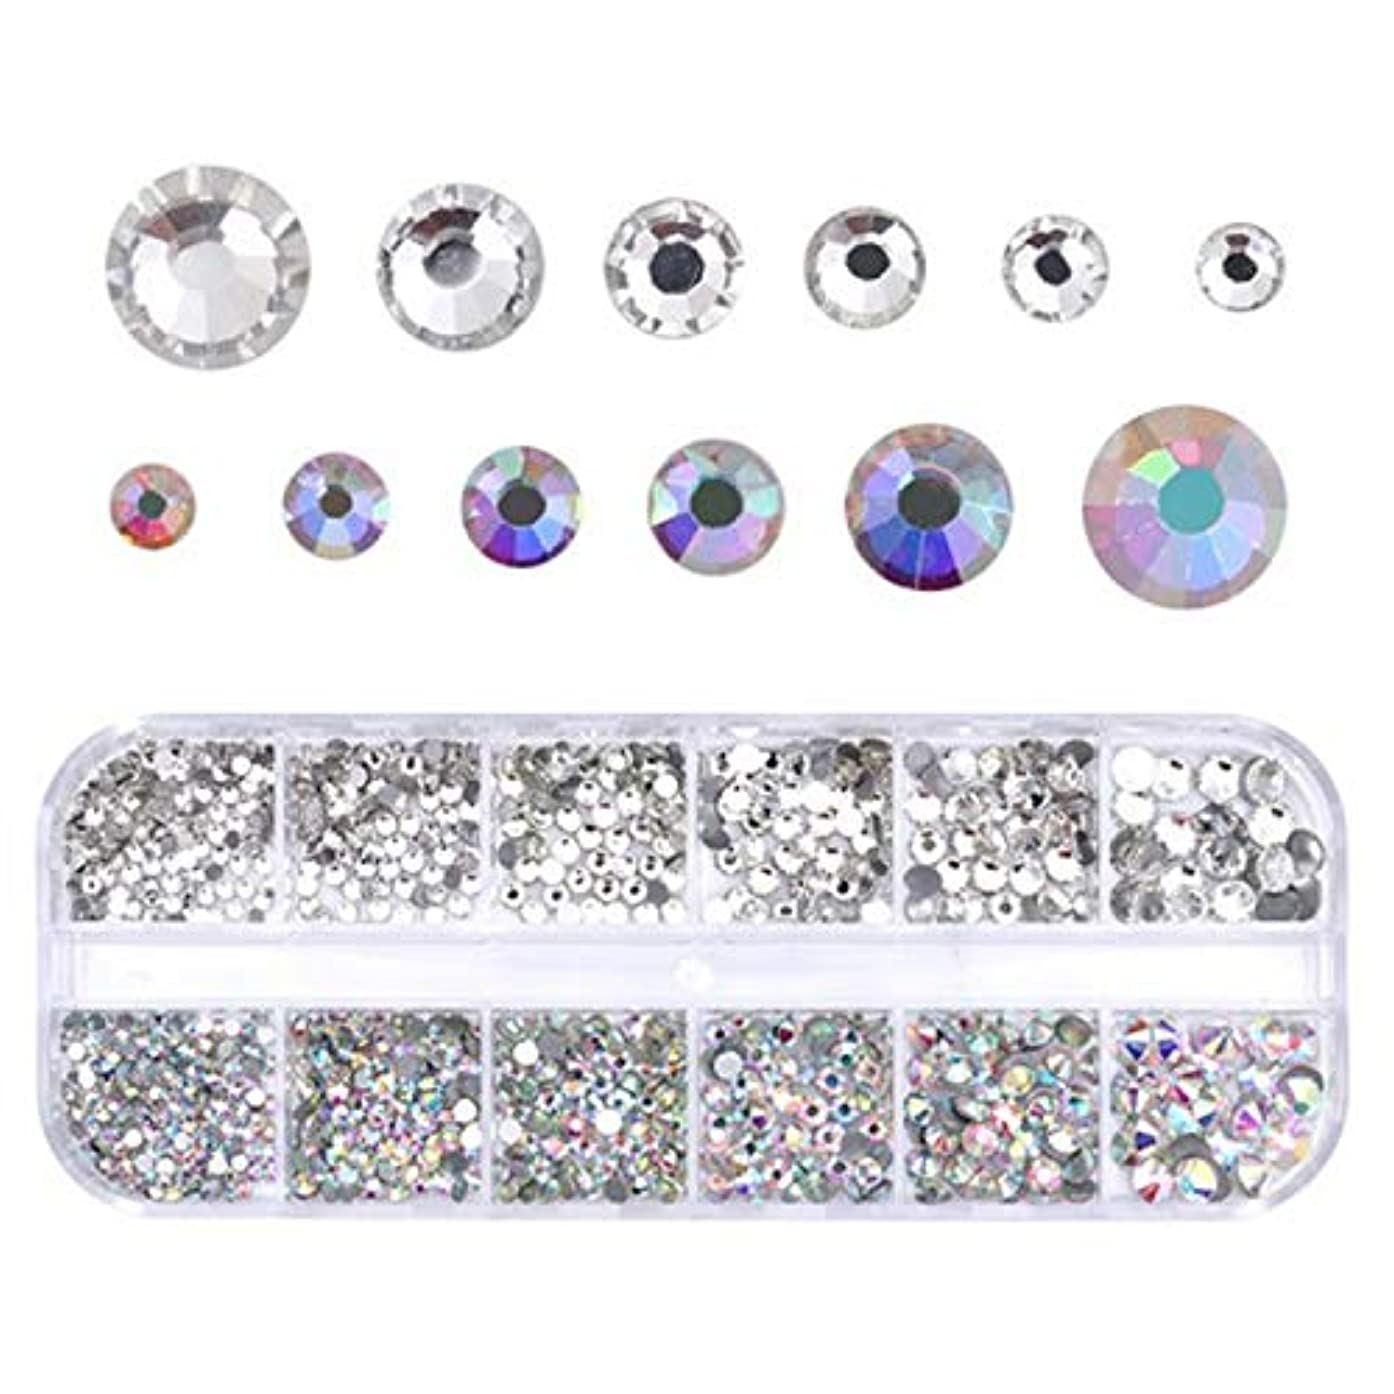 生命体不正確枯れるMigavann 12-Grids ネイルアートラインストーン ネイルクリスタルフラットバックラインストーンクリアガラスチャーム宝石ストーンダイヤモンド